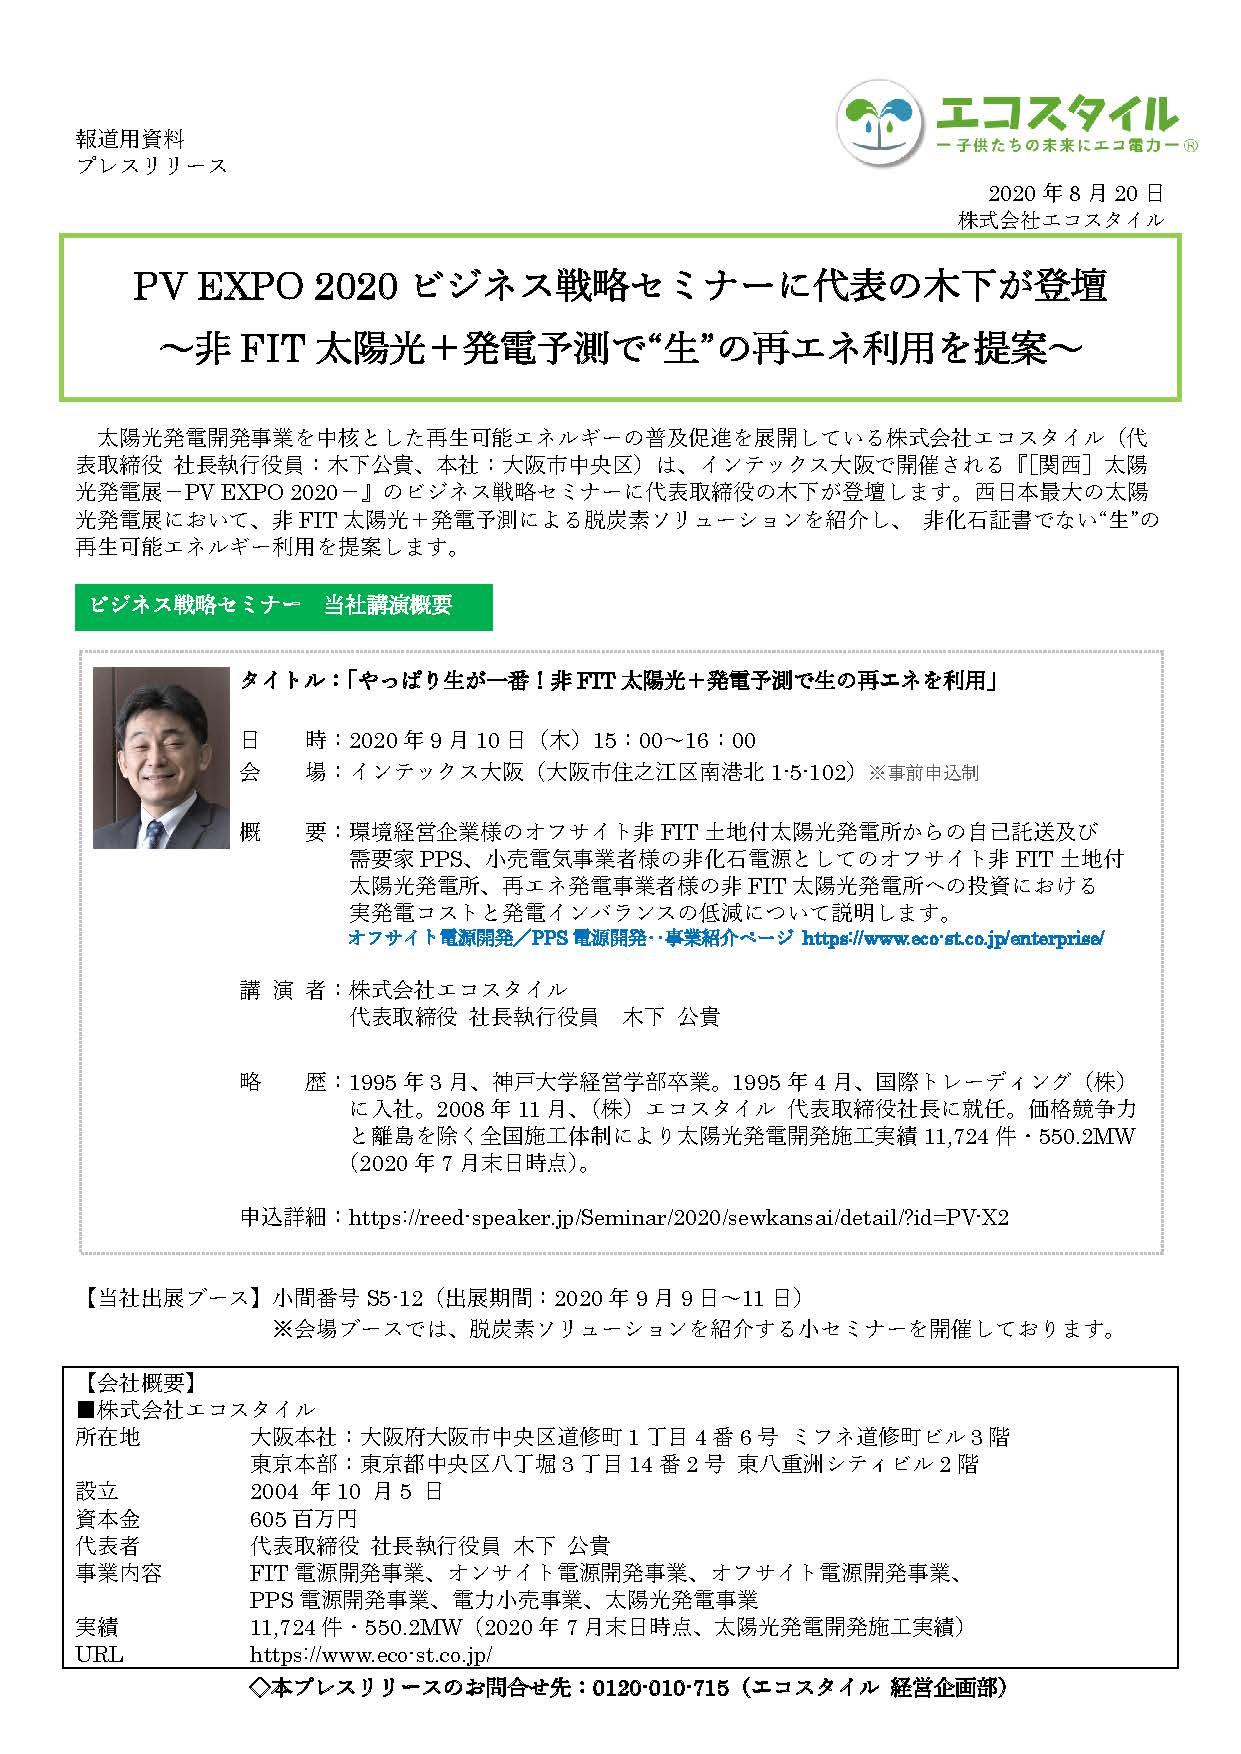 PV EXPO 2020ビジネス戦略セミナー